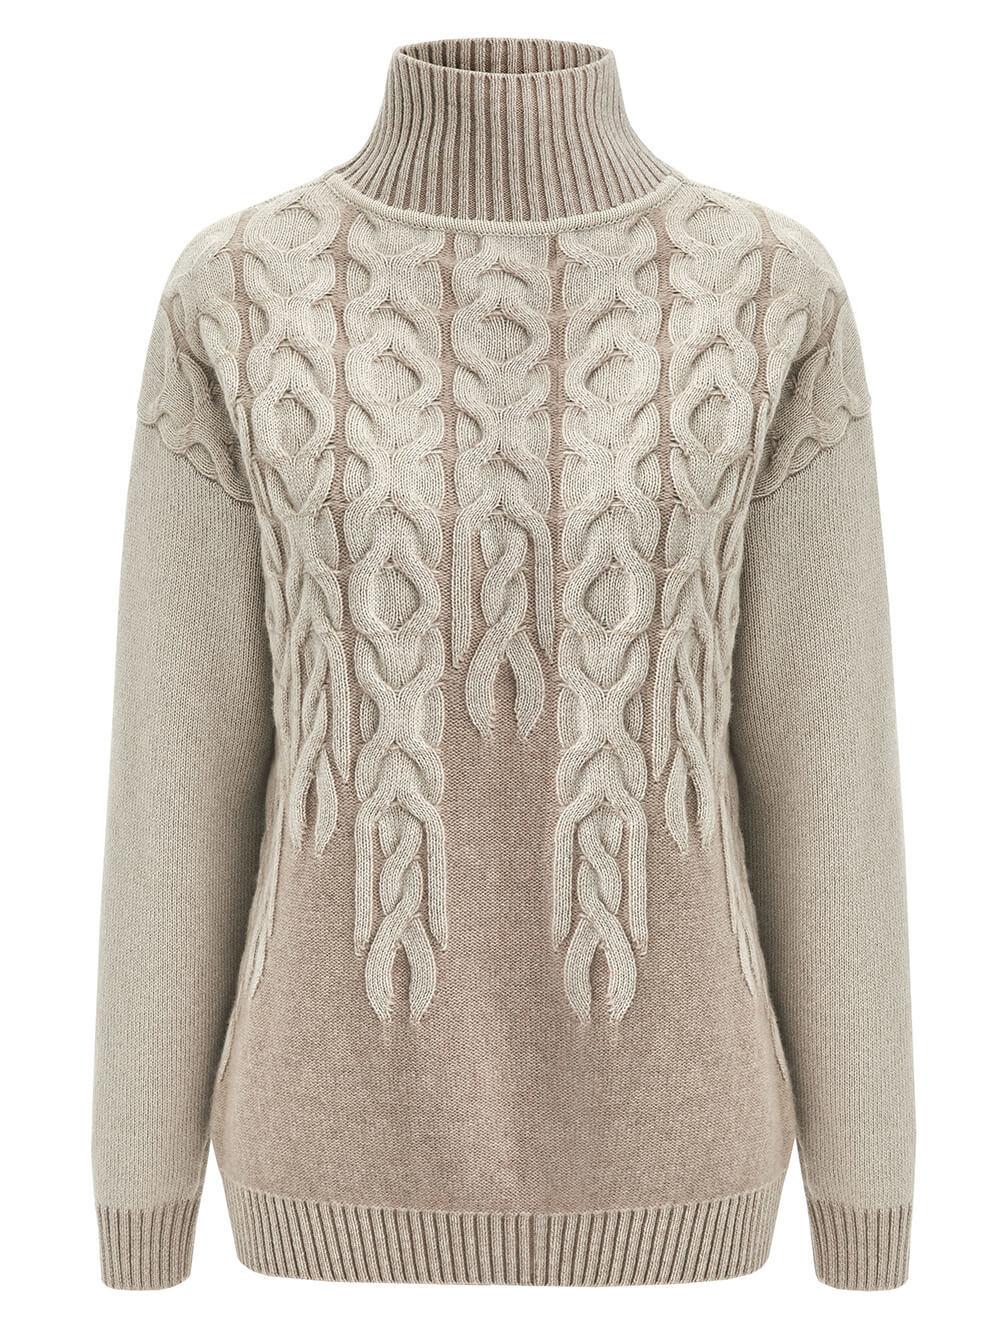 Женский свитер бежевого цвета из 100% кашемира - фото 1